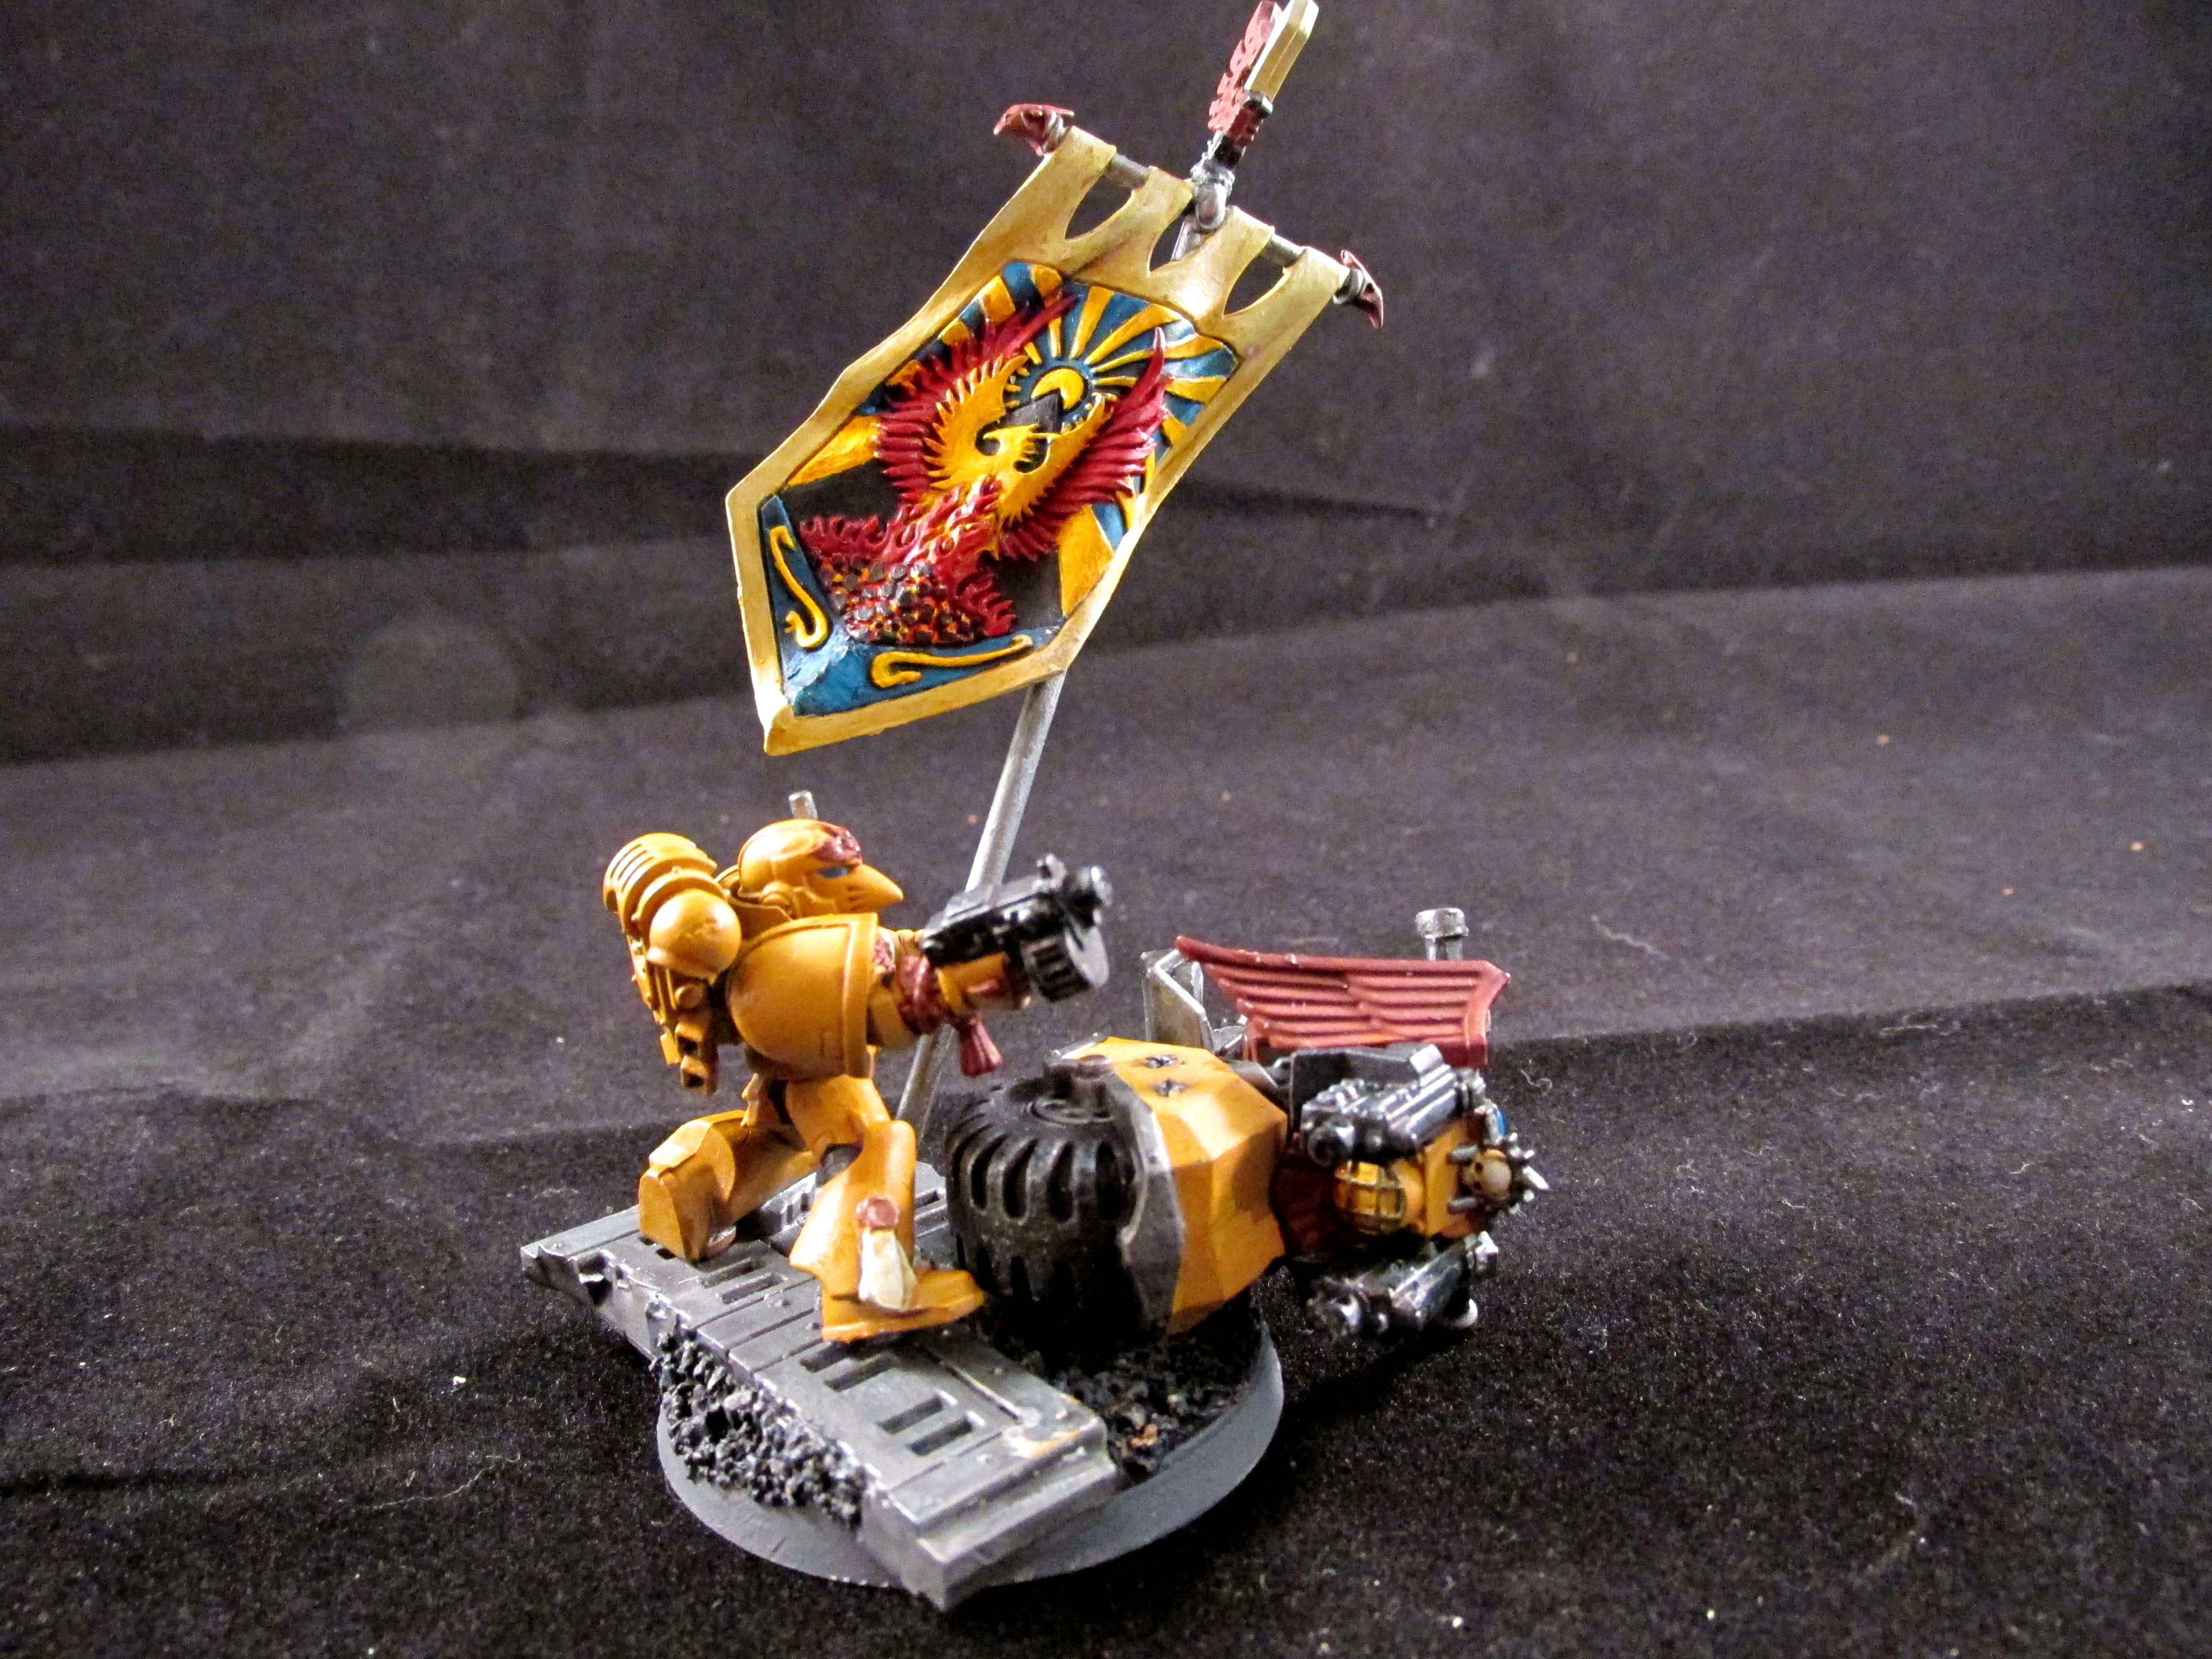 Banner, Bike, Fire Hawks